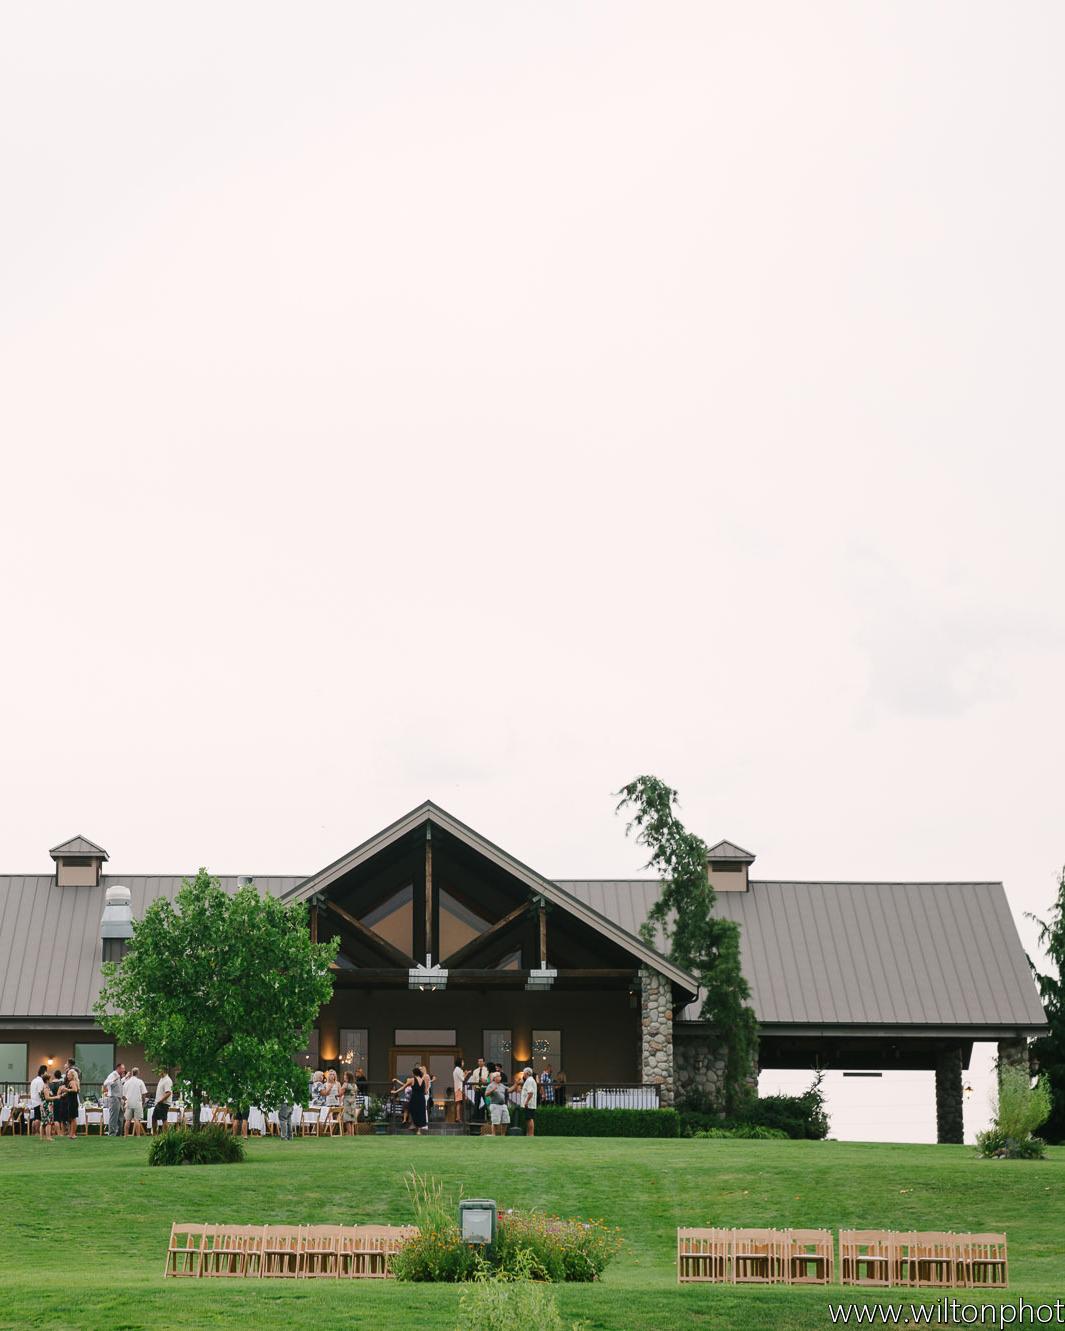 vineyard-wedding-venues-three-rivers-winery-0714.jpg